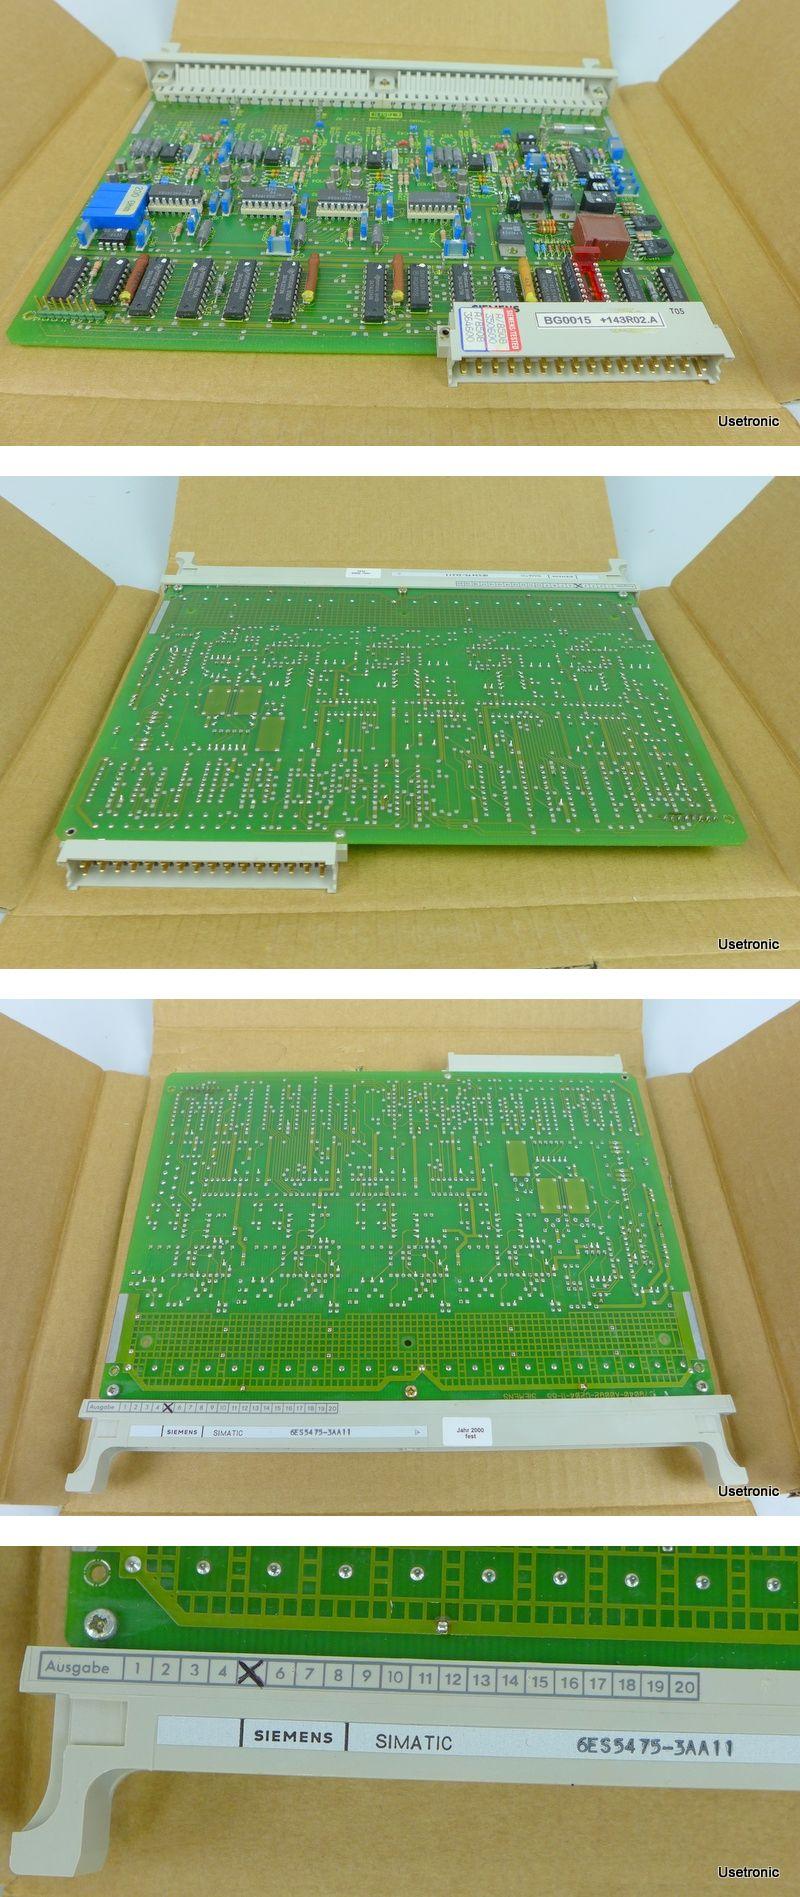 Siemens 6ES5475-3AA11 6ES5 475-3AA11